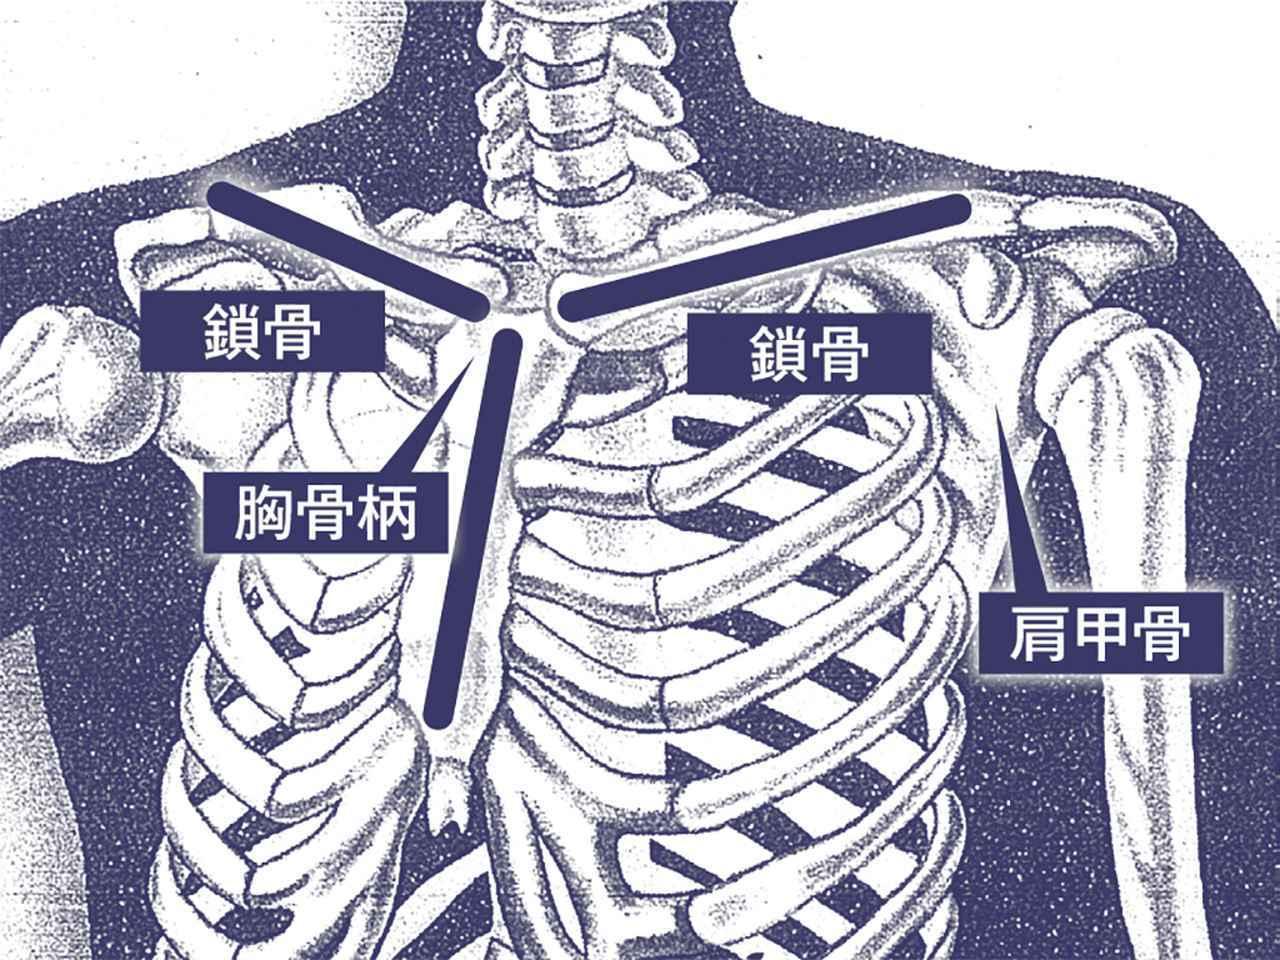 """画像: 「回転する""""軸"""" を意識するのは難しい。『胸骨柄(きょうこつへい)』を中心に回るイメージだと楽。『胸骨柄』に『鎖骨』がつき、その『鎖骨』は背中側まで回り込んで『肩甲骨』と結合している。この構造を理解しましょう」"""